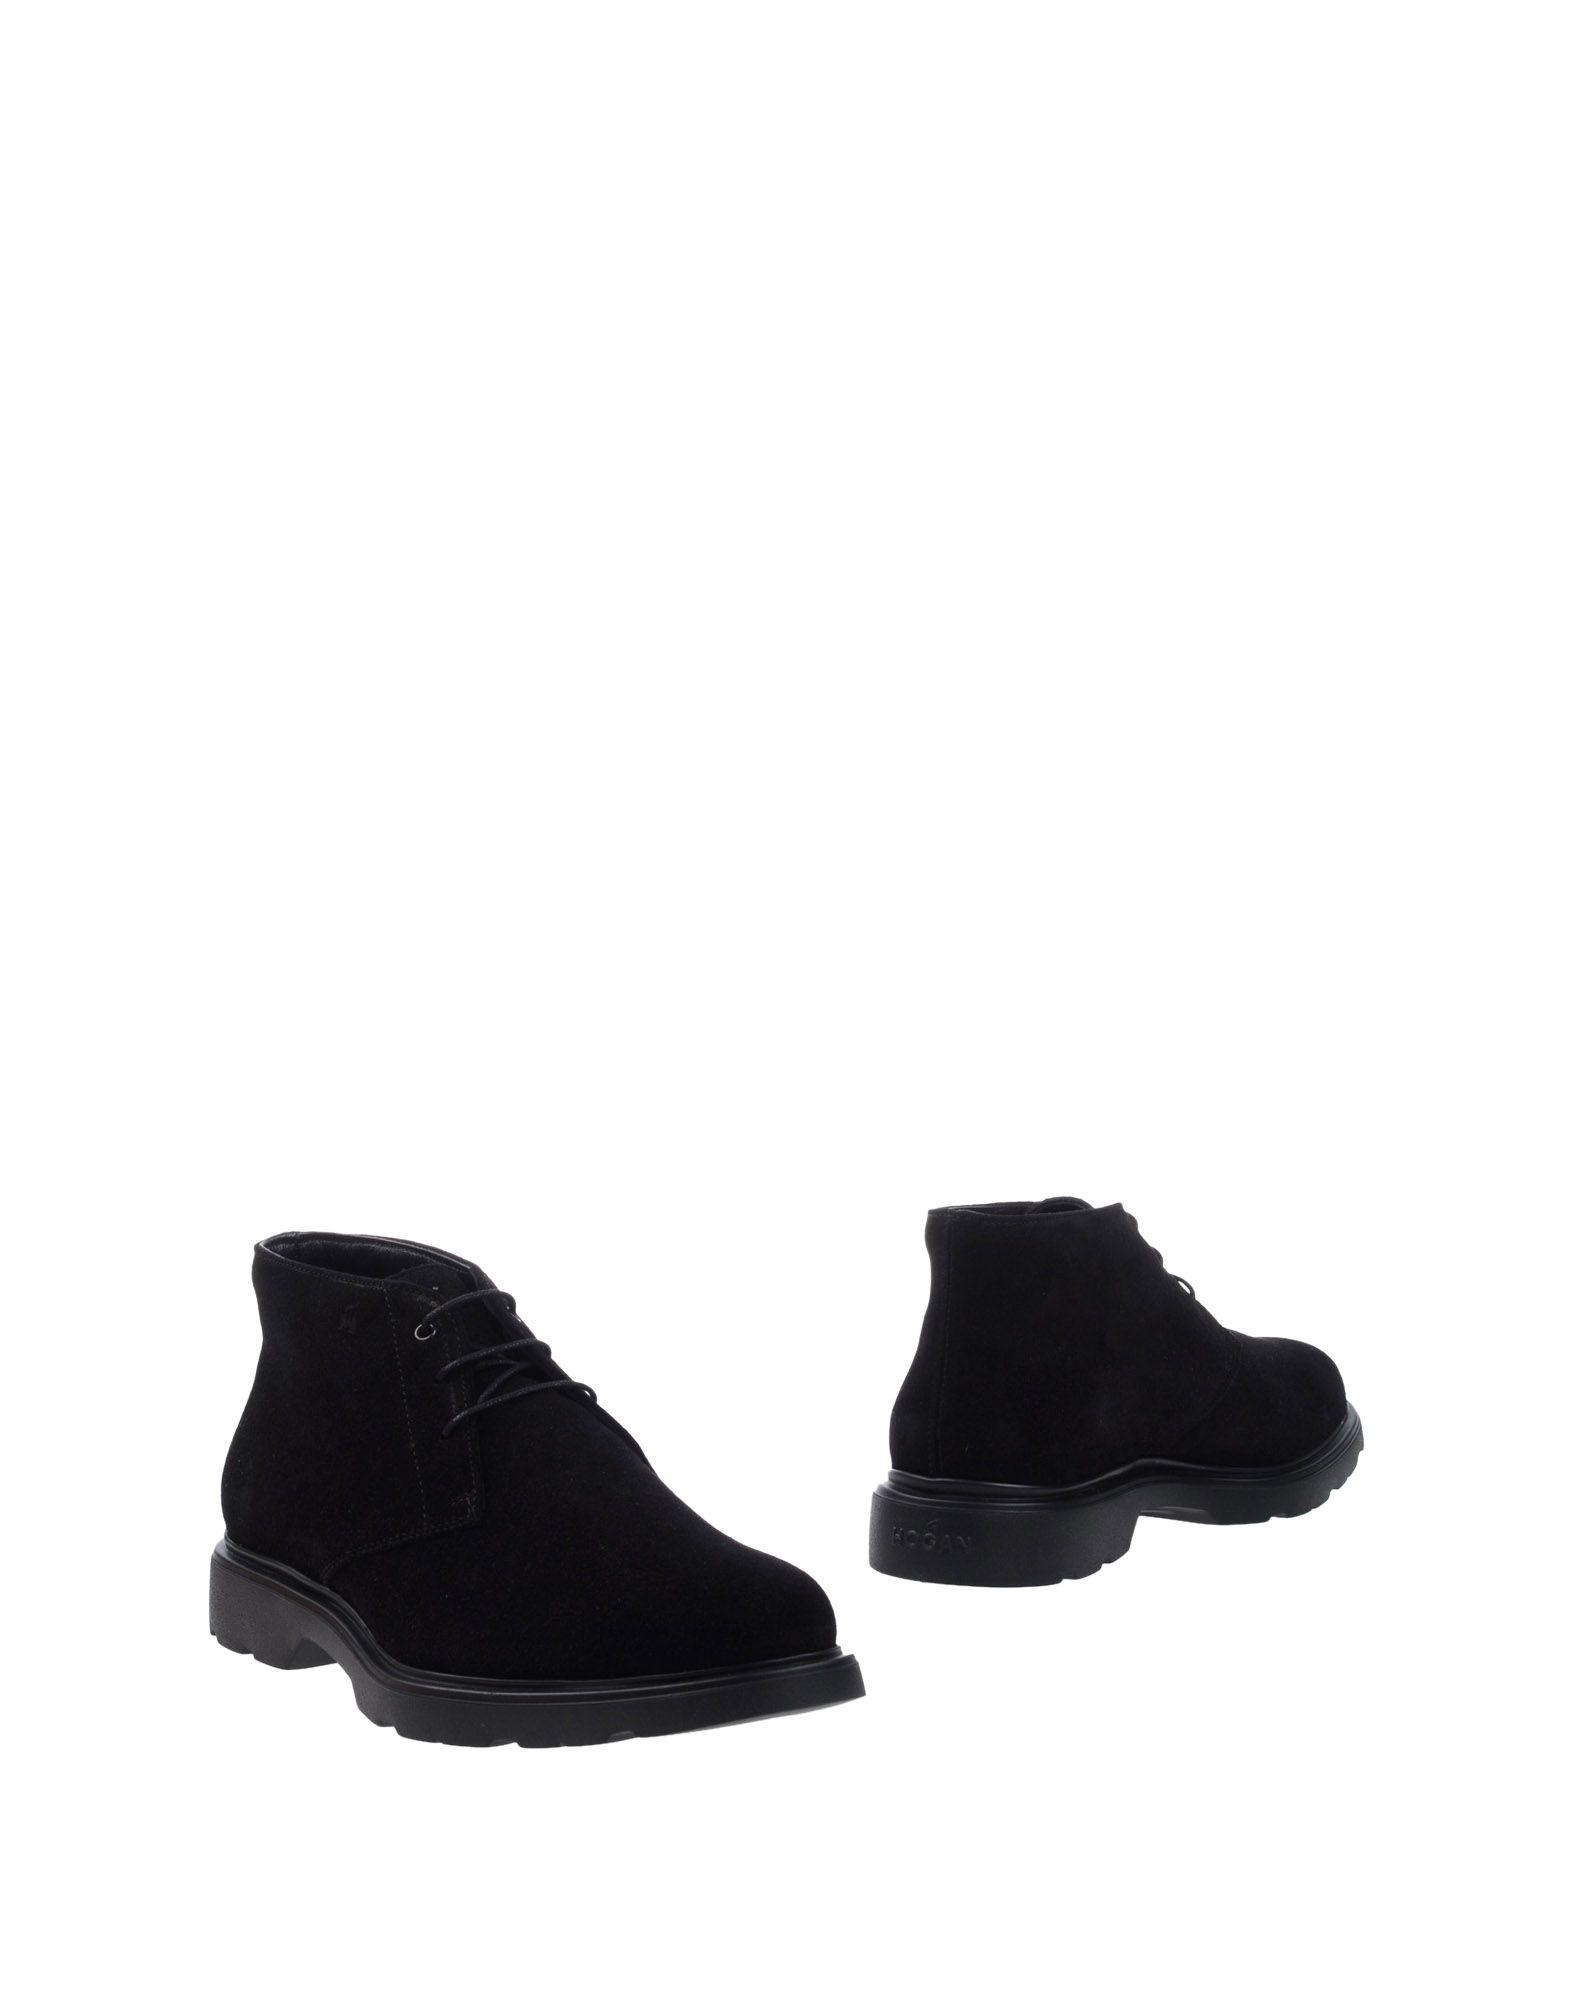 Hogan Stiefelette Herren  11299208WO Gute Qualität beliebte Schuhe